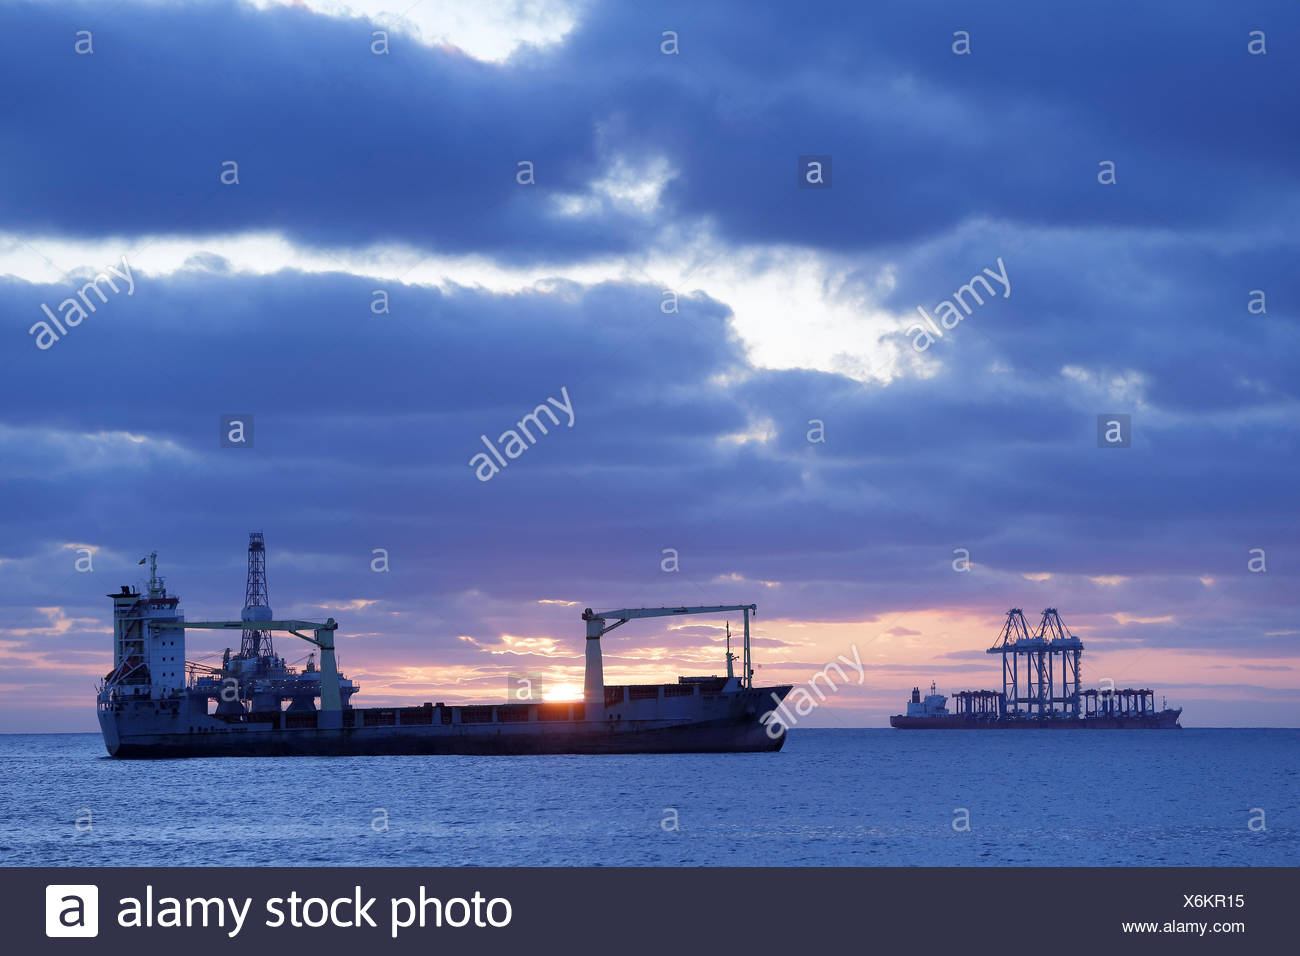 Les pétroliers en mer au large de la Grande Canarie, l'océan Atlantique. Tous les non-usages de rédaction doivent être effacés individuellement. Photo Stock